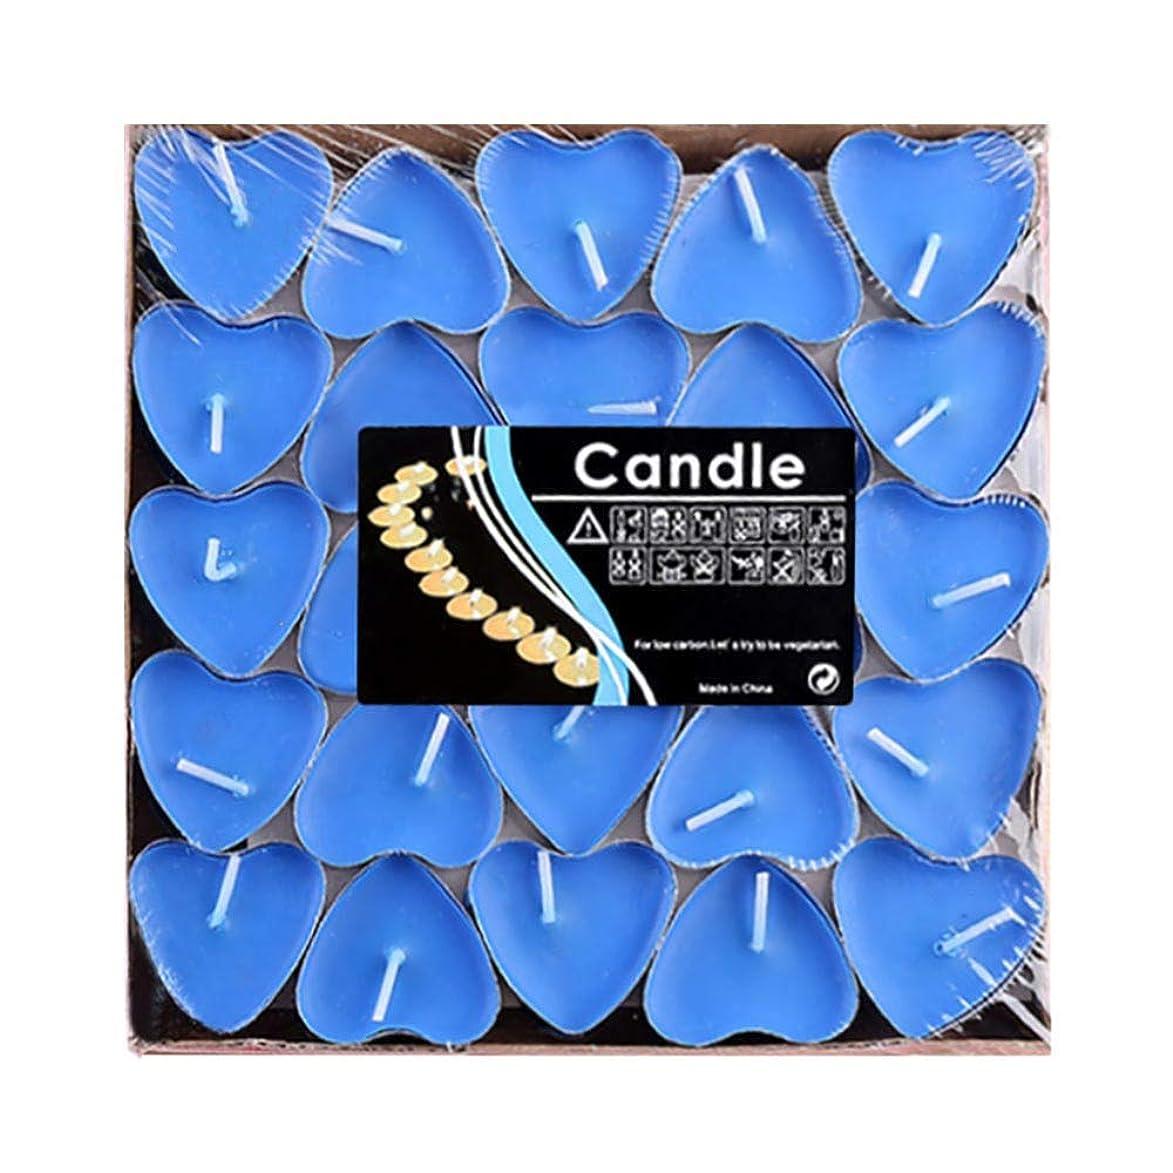 配送競争利益Hwagui ハート型 キャンドル 人気 アロマキャンドル 芳醇で キャンドル ロマンス、愛の告白、キャンドル 50個 2時間 ZH009